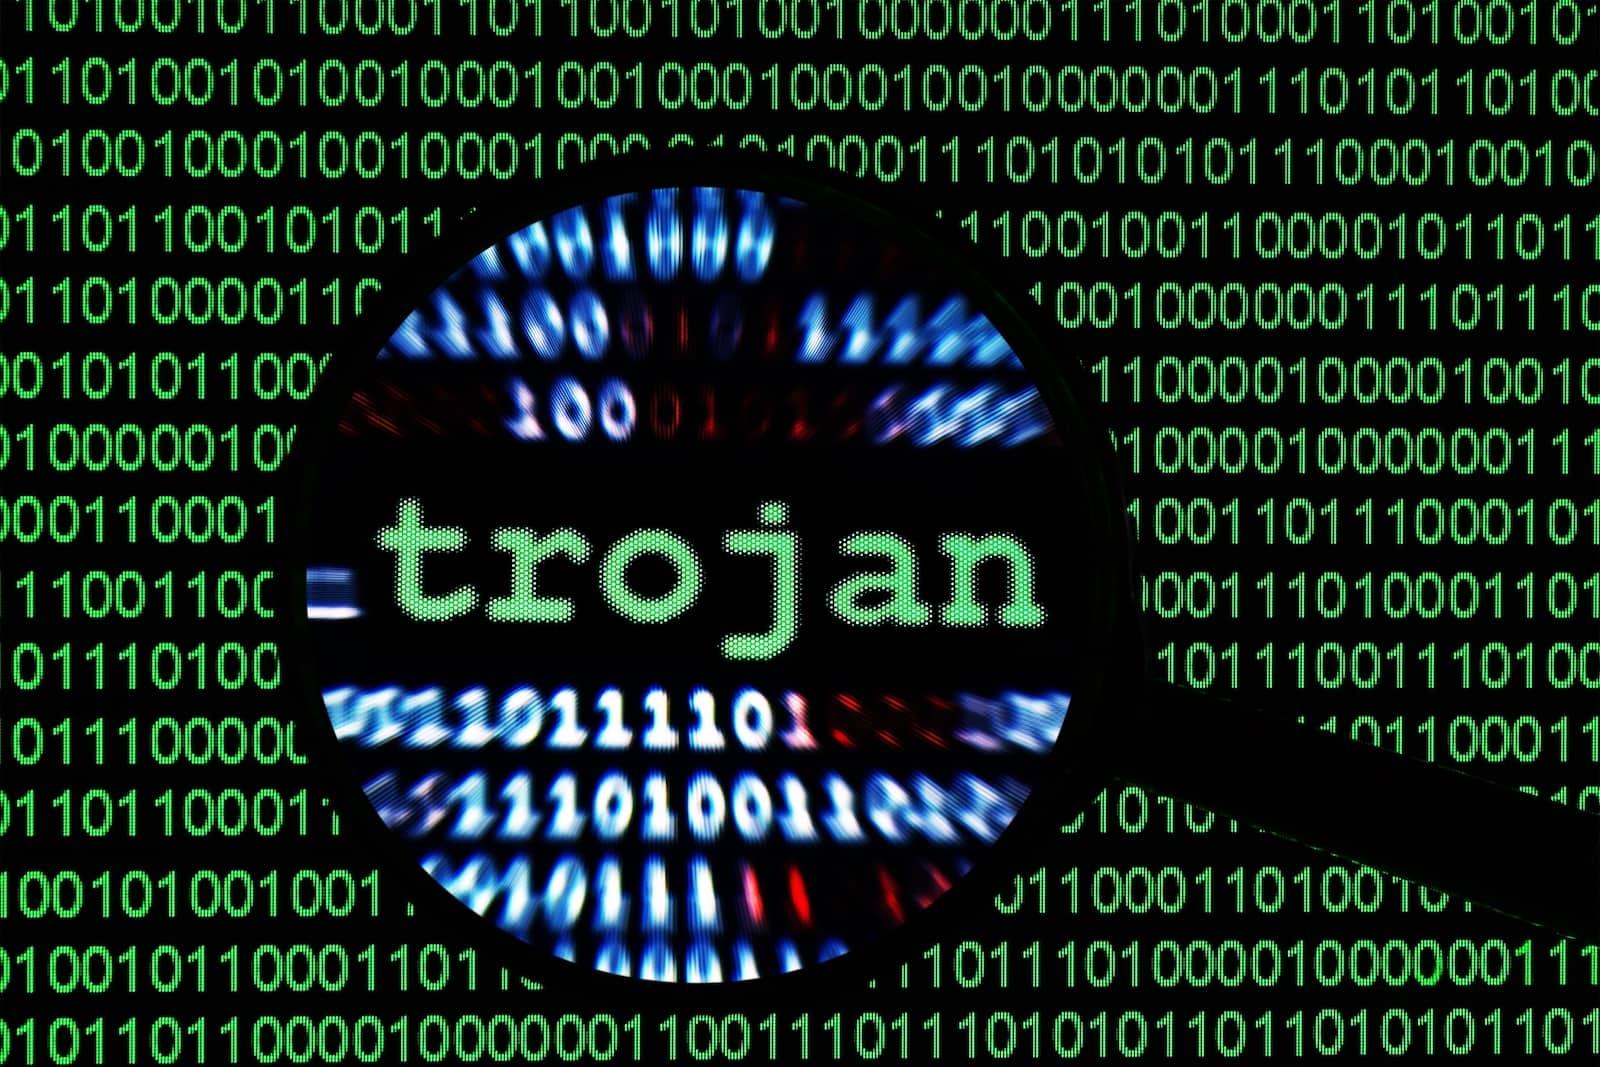 Can antivirus detect trojan virus type?